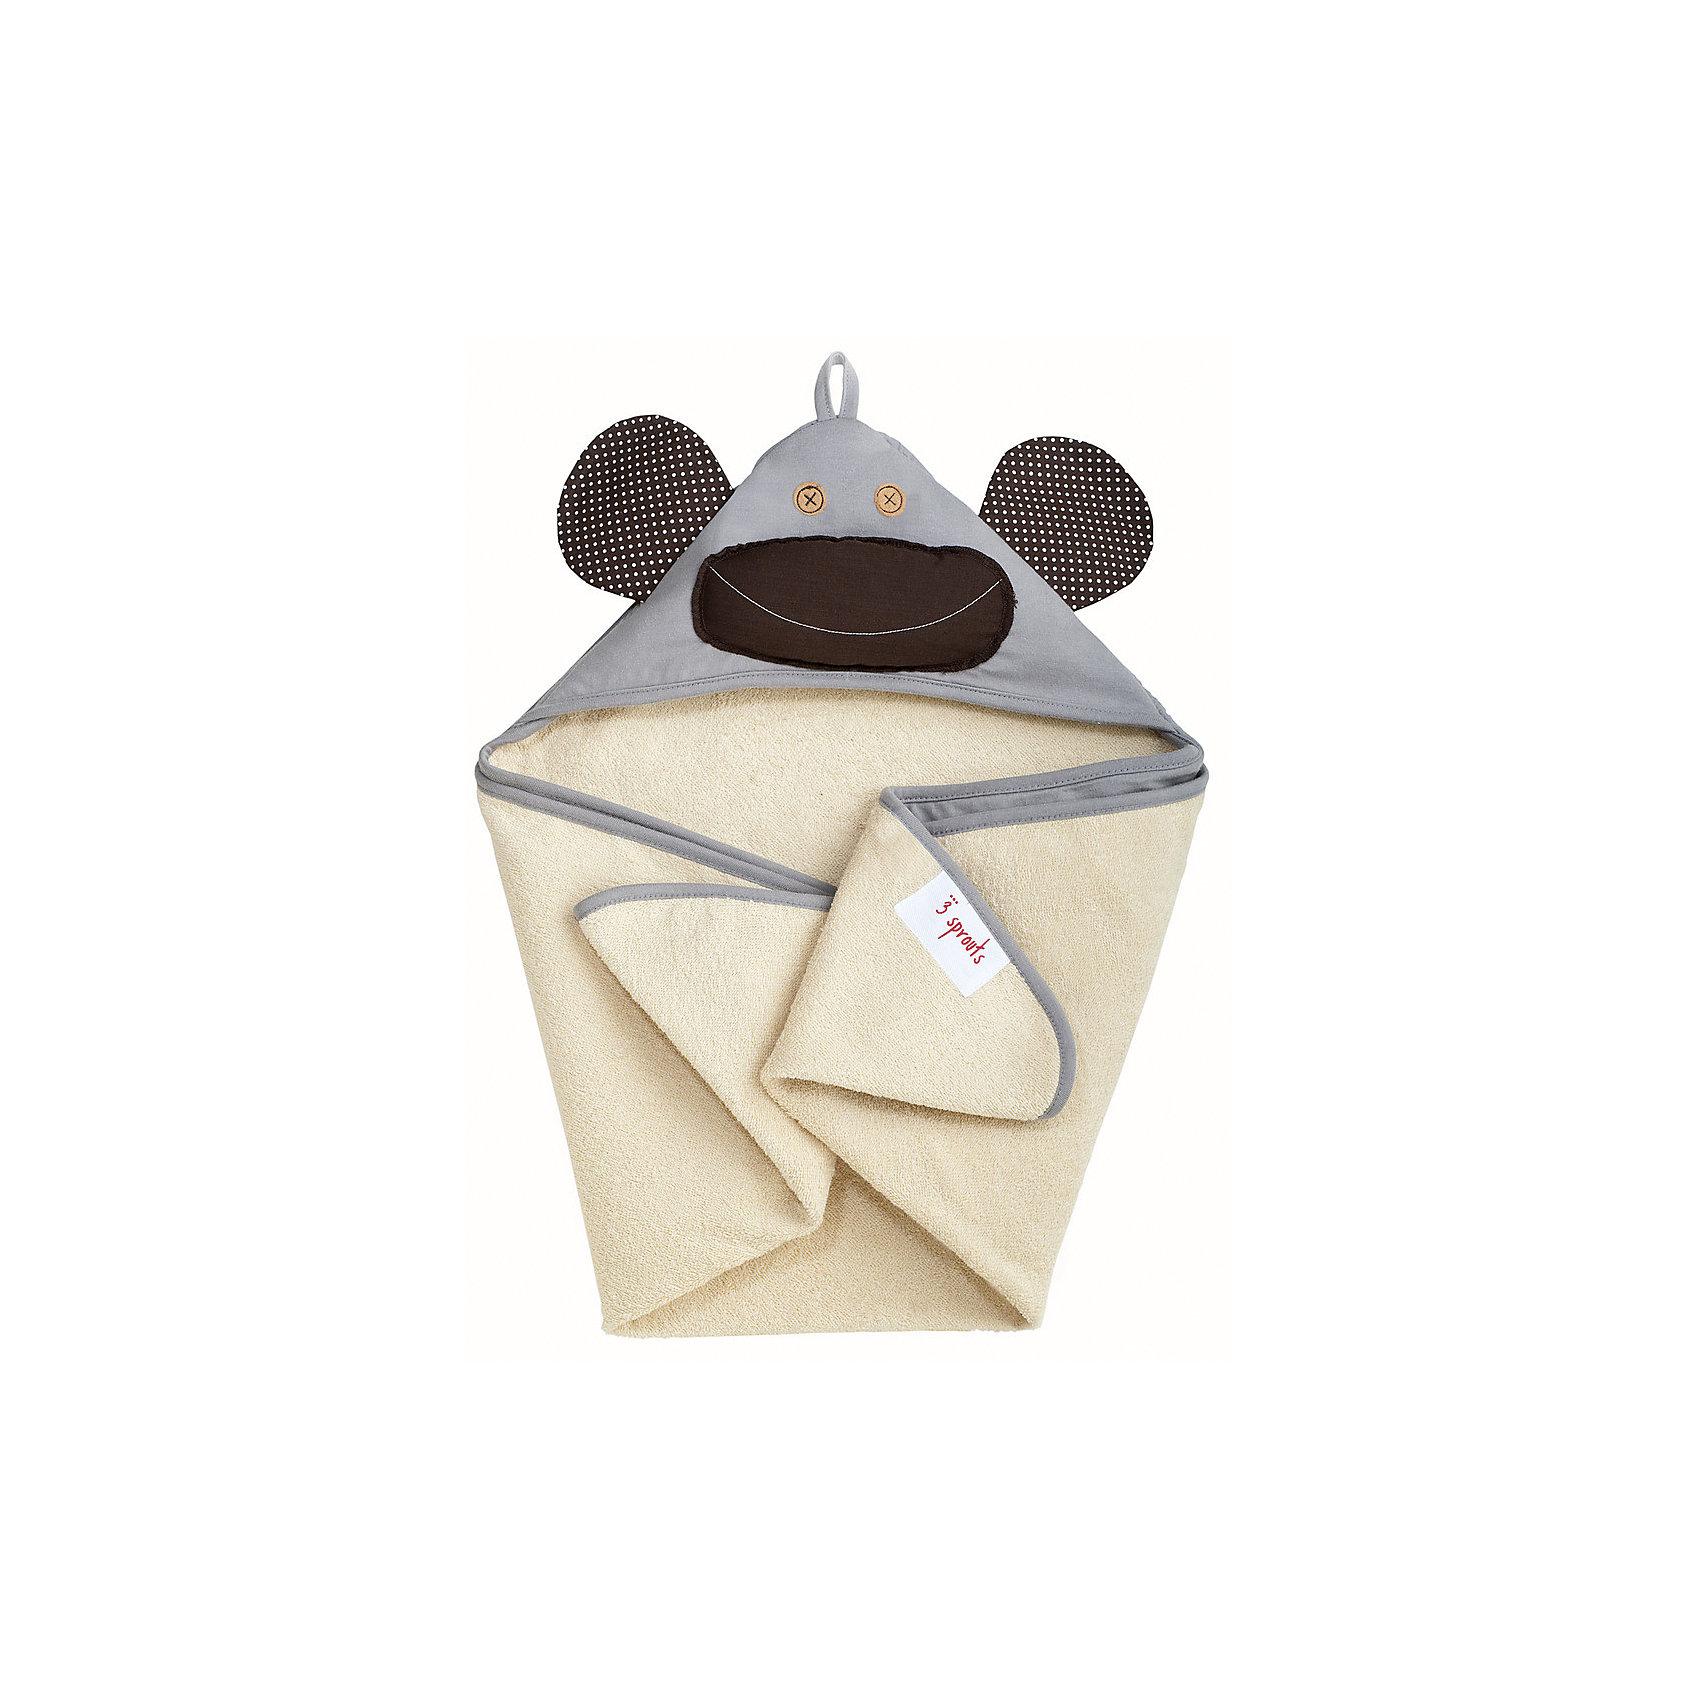 Полотенце с капюшоном Серая обезьянка (Grey Monkey), 3 SproutsПляжные полотенца<br>Милое полотенце для маленькой крохи. Махровое изнутри, а внешний слой изготовлен из 100% хлопка. <br><br>Дополнительная информация:<br><br>- Размер полотенца: 76х76 см.<br>- Материал: 100% хлопок снаружи, махровая ткань изнутри.<br>- Уход: деликатная стирка в холодной воде.<br><br>Купить полотенце с капюшоном Серая обезьянка  (Grey Monkey), можно в нашем магазине.<br><br>Ширина мм: 260<br>Глубина мм: 20<br>Высота мм: 330<br>Вес г: 402<br>Возраст от месяцев: 0<br>Возраст до месяцев: 18<br>Пол: Унисекс<br>Возраст: Детский<br>SKU: 5098200